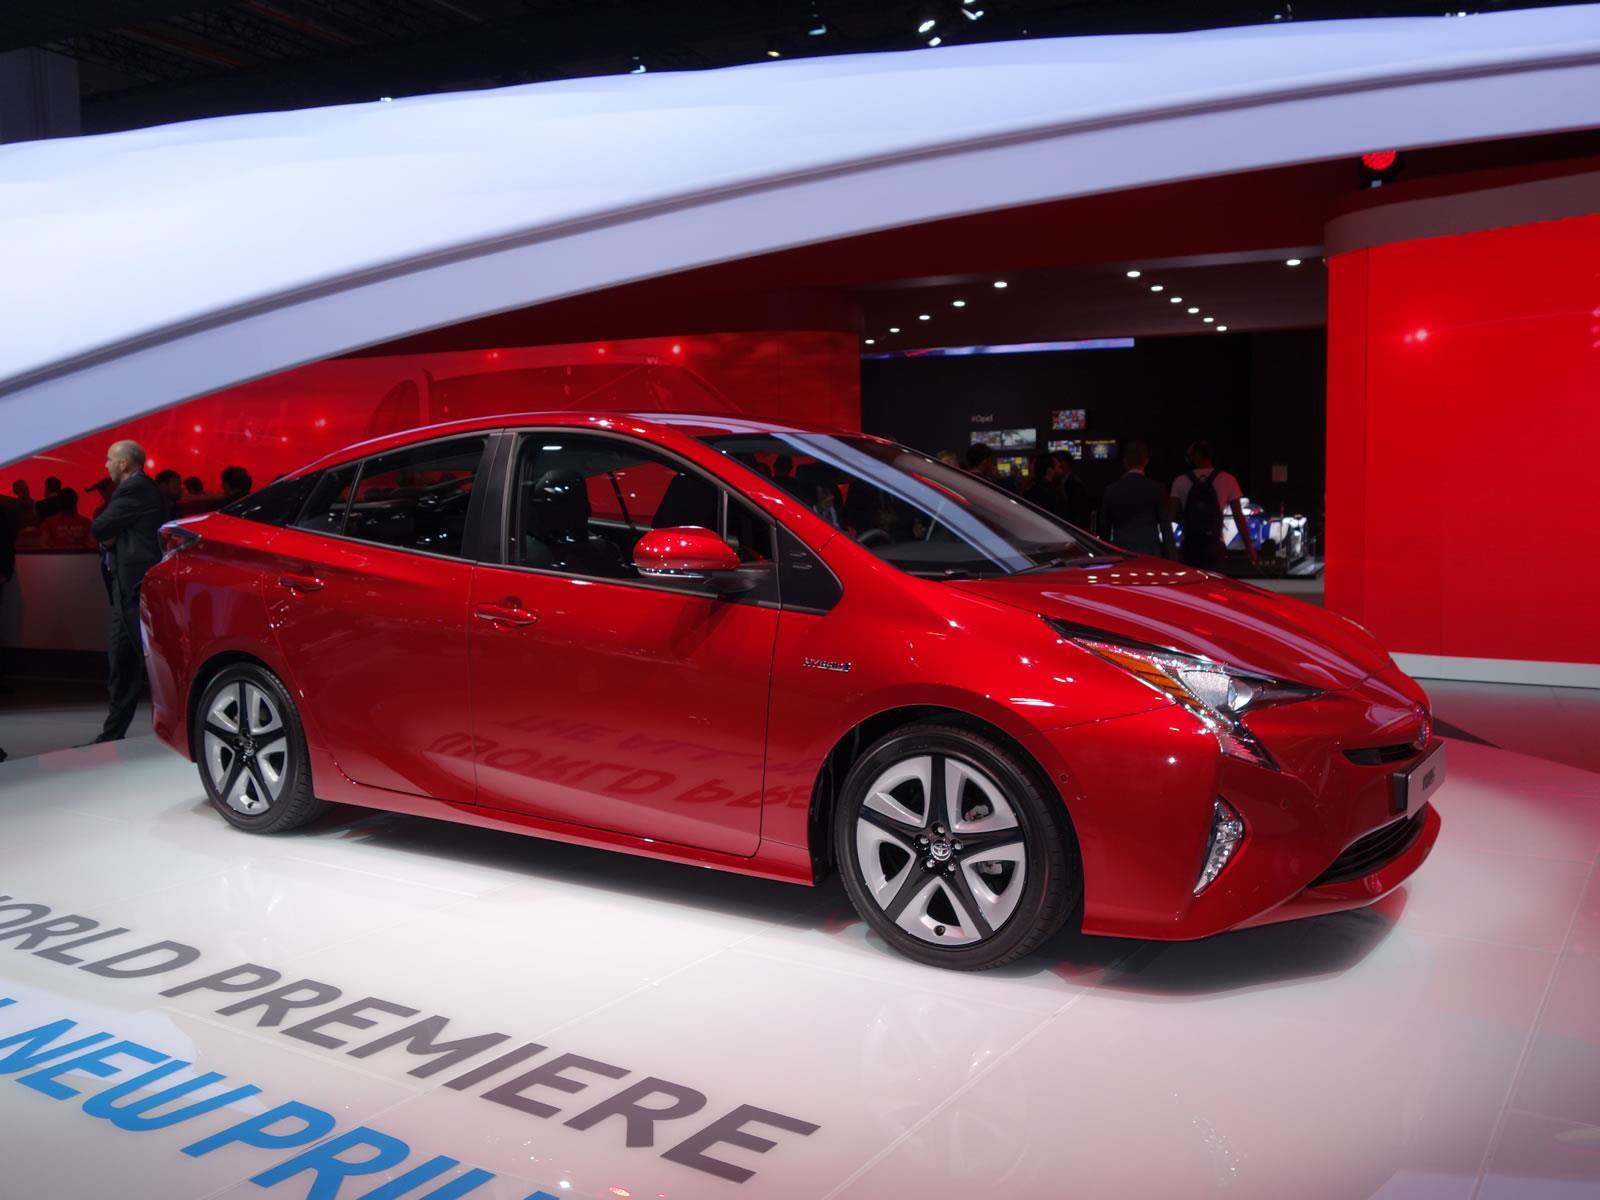 Toyota Prius 2016 Llega A Mexico Desde 339 700 Pesos Autocosmos Com